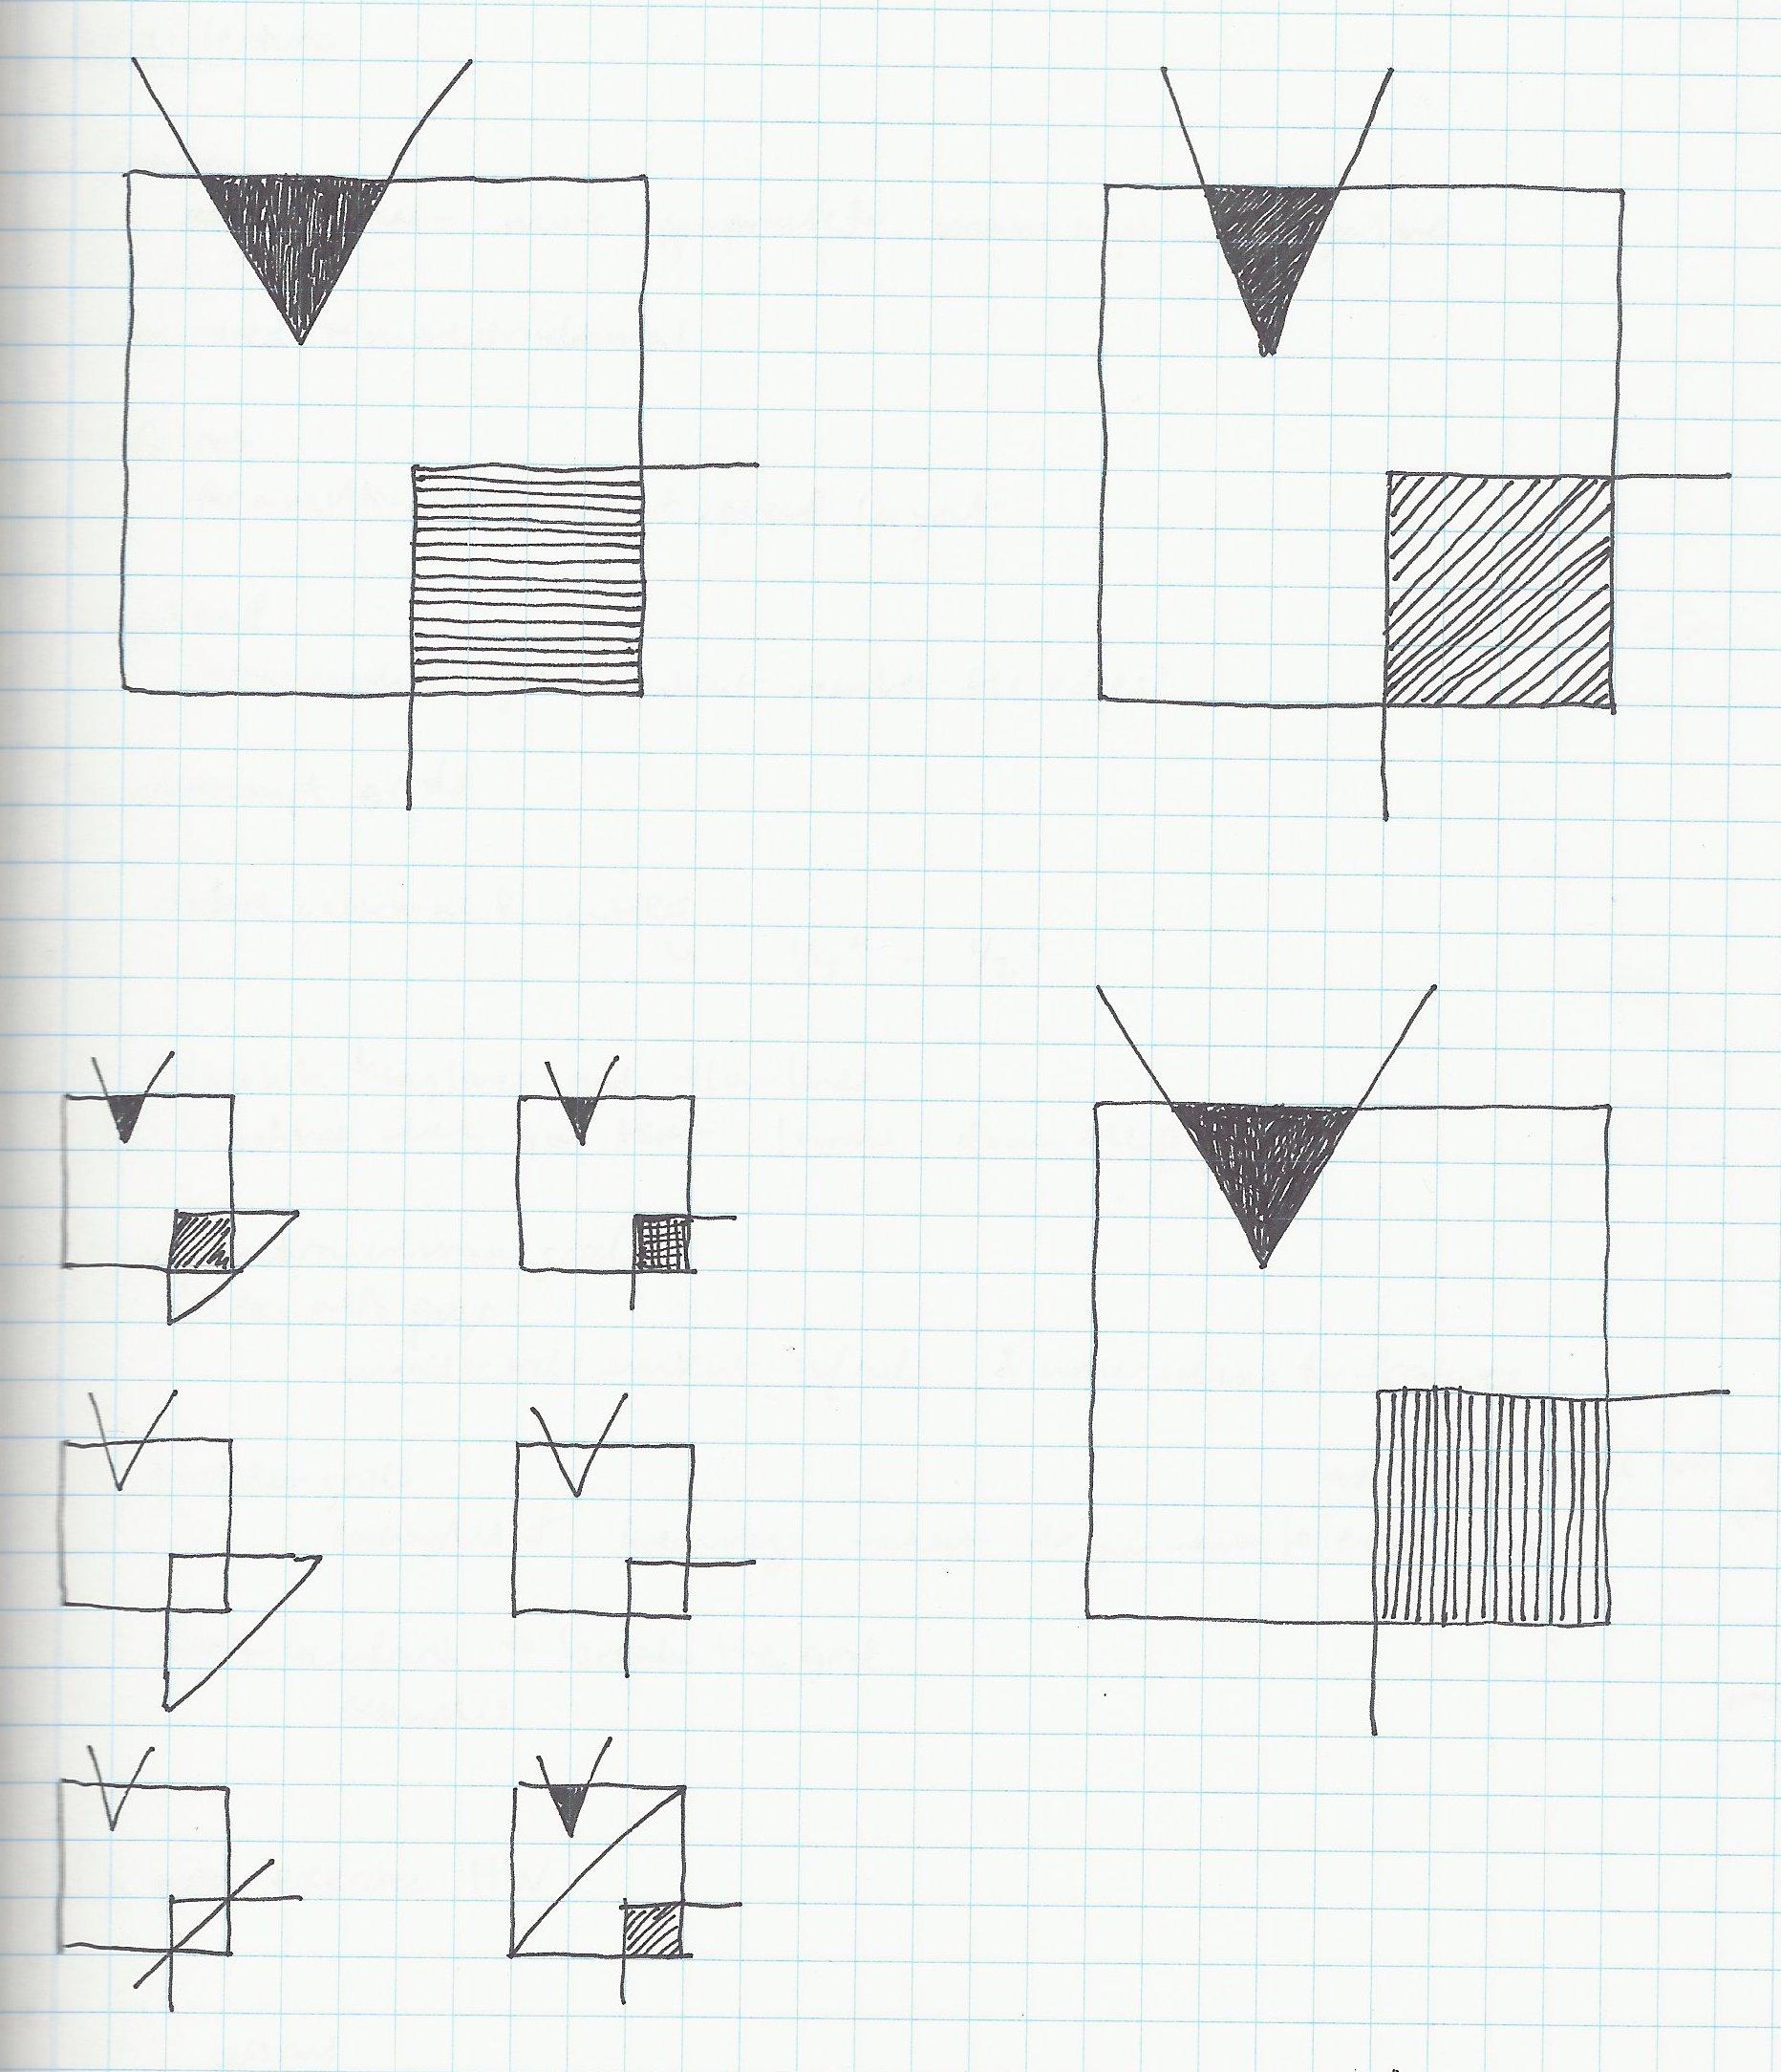 logo refinement